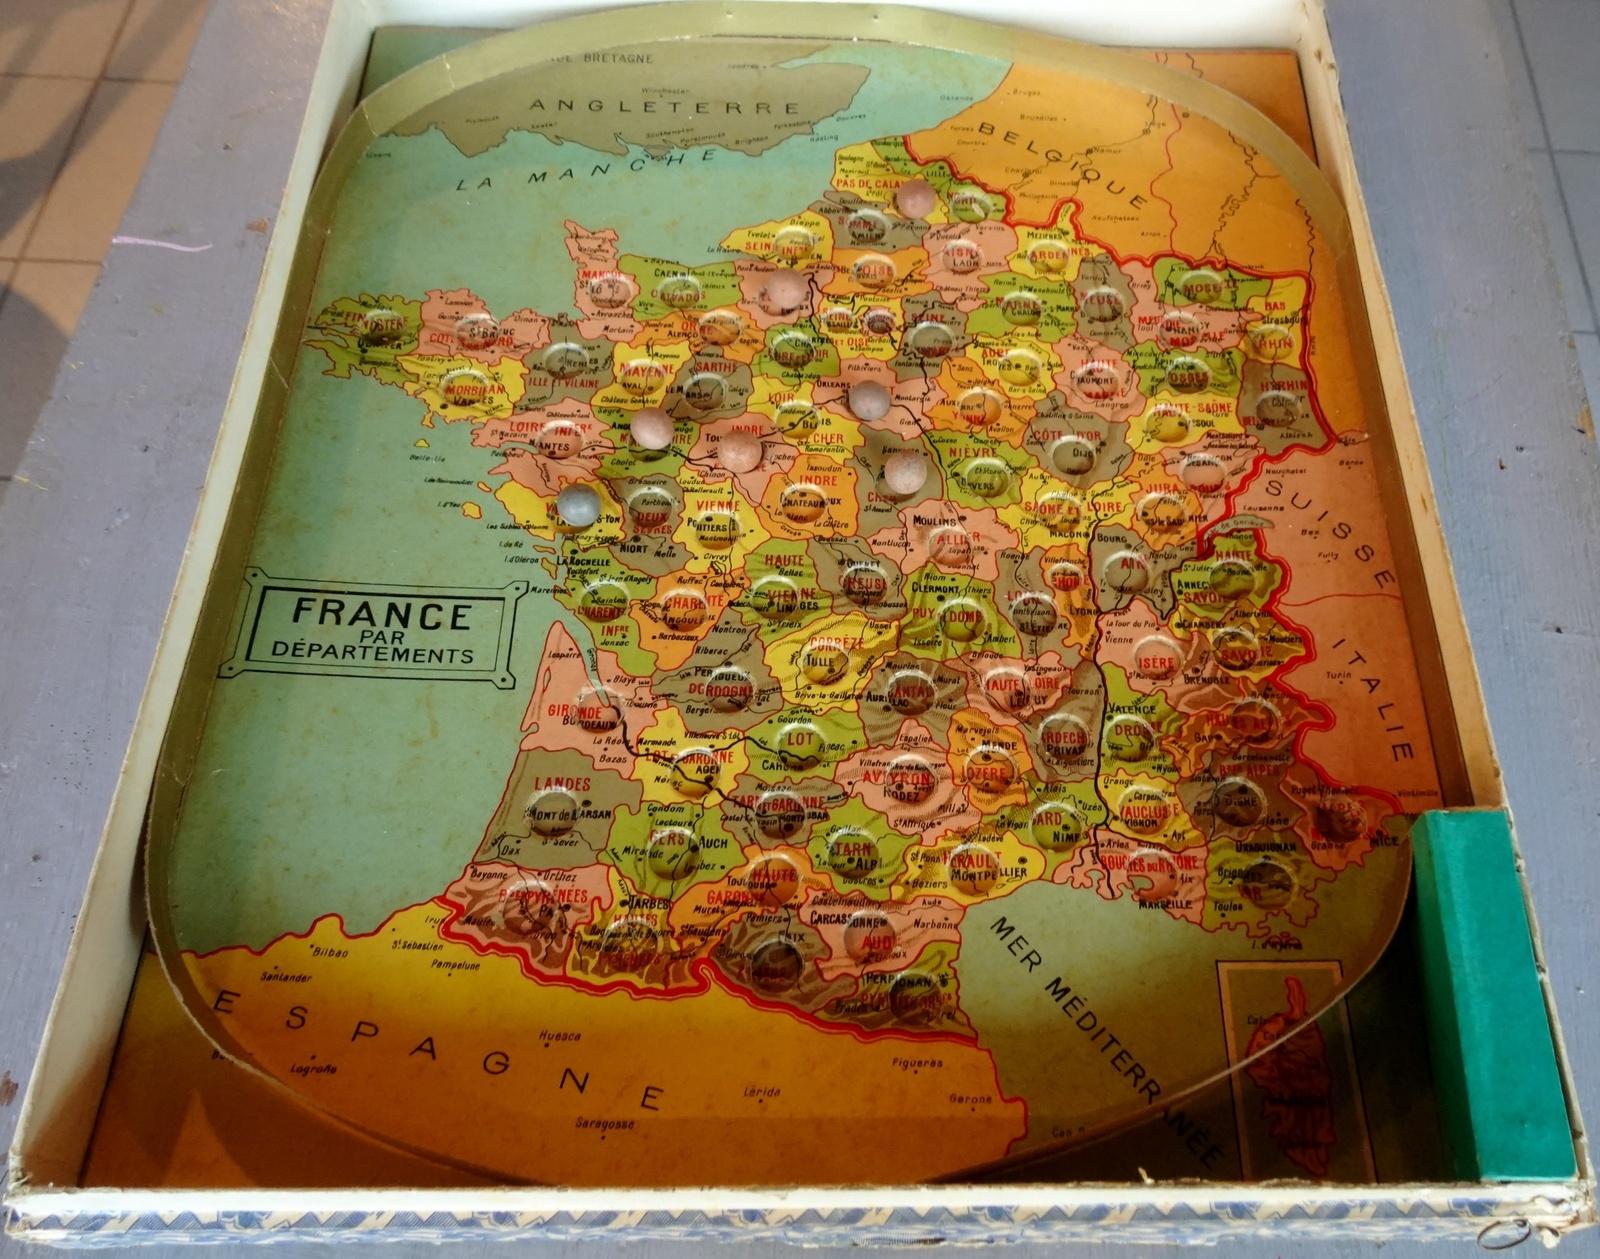 Y. Les Jeux D'etienne - Collection De Jeux Anciens concernant Jeux Géographique